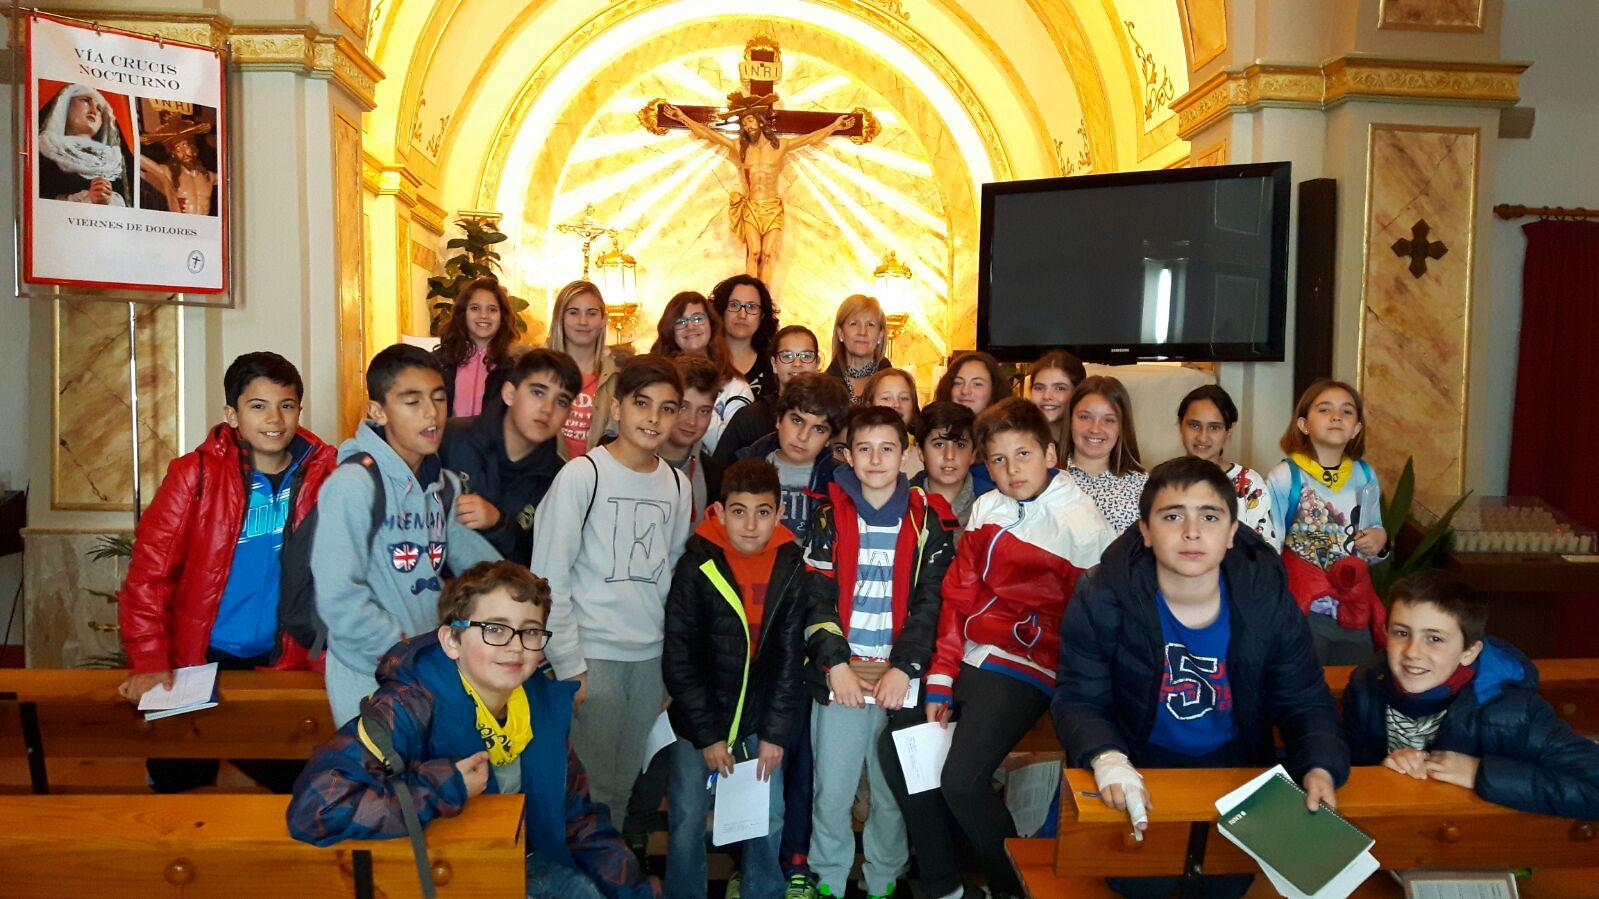 (2016-03-18) - aVisita ermita alumnos Pilar, profesora religión 9´Octubre - María Isabel Berenguer Brotons (06)